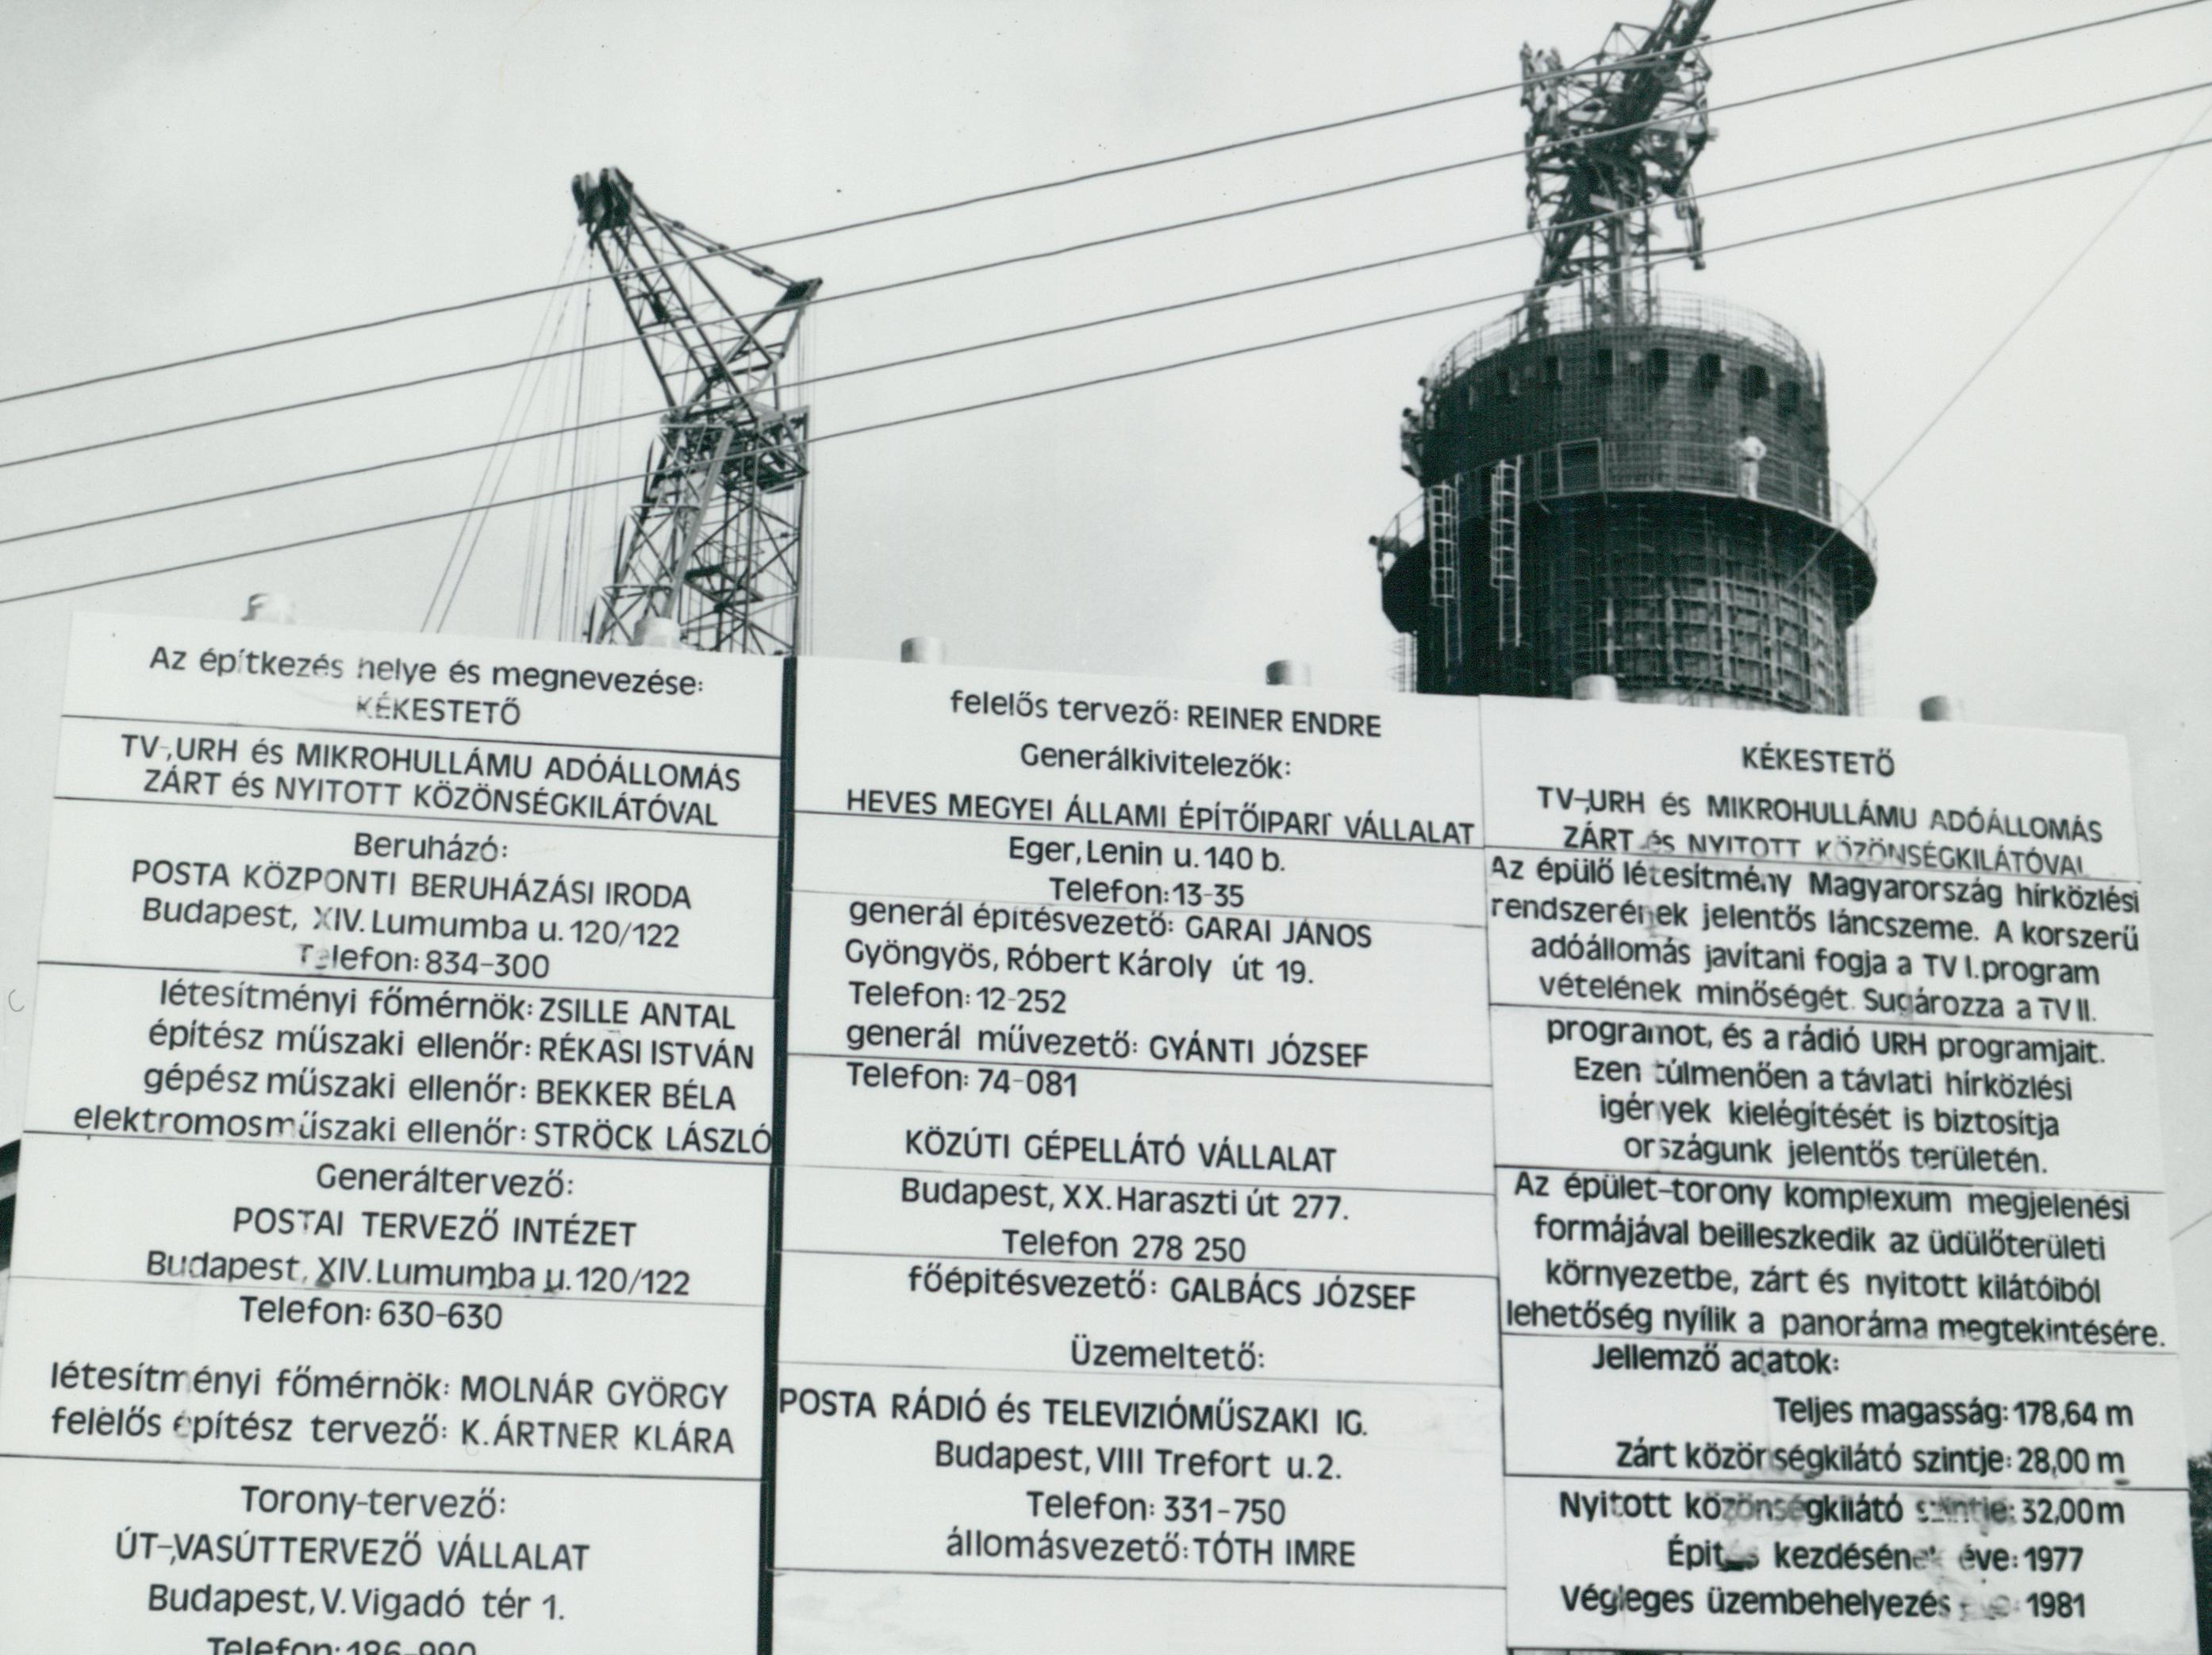 A kékesi tévétorony építésénél kihelyezett információs tábla